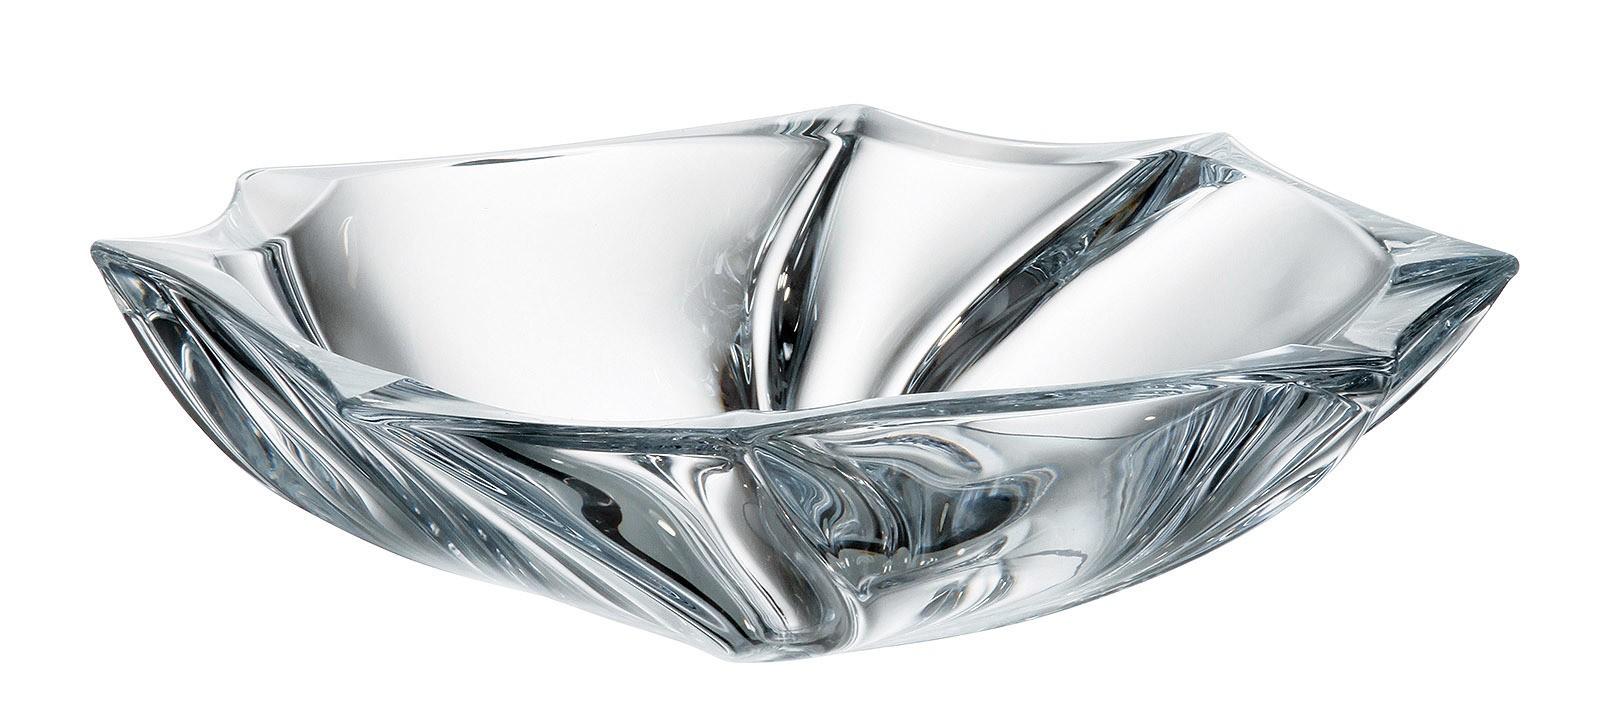 Κουπ Neptune Bohemia Κρυστάλλινο 33cm home   κρυσταλλα  διακοσμηση   κρύσταλλα